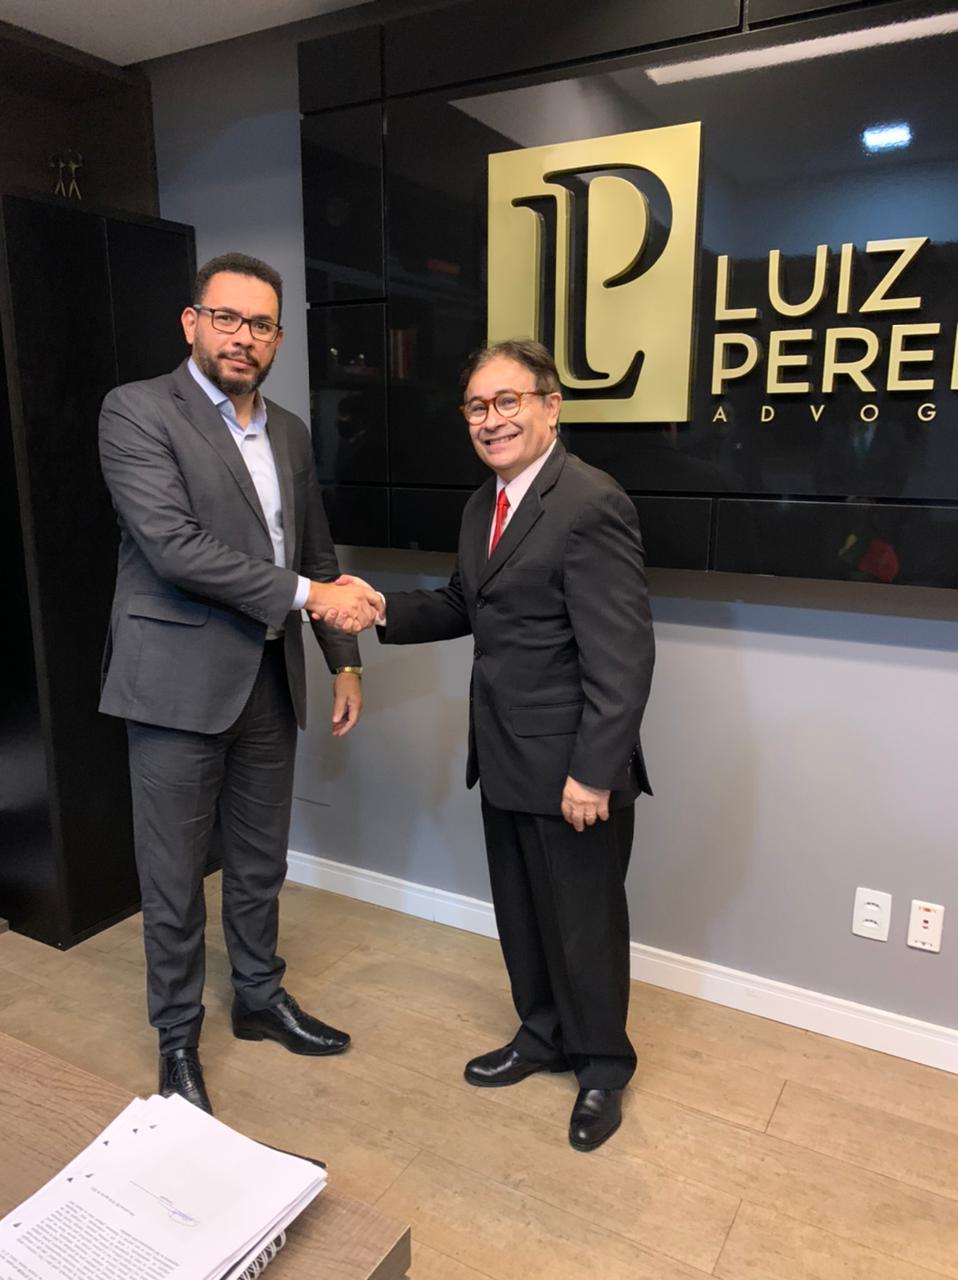 Luiz Pereira anuncia apoio a Harrisson Targino na disputa pela presidência da OAB